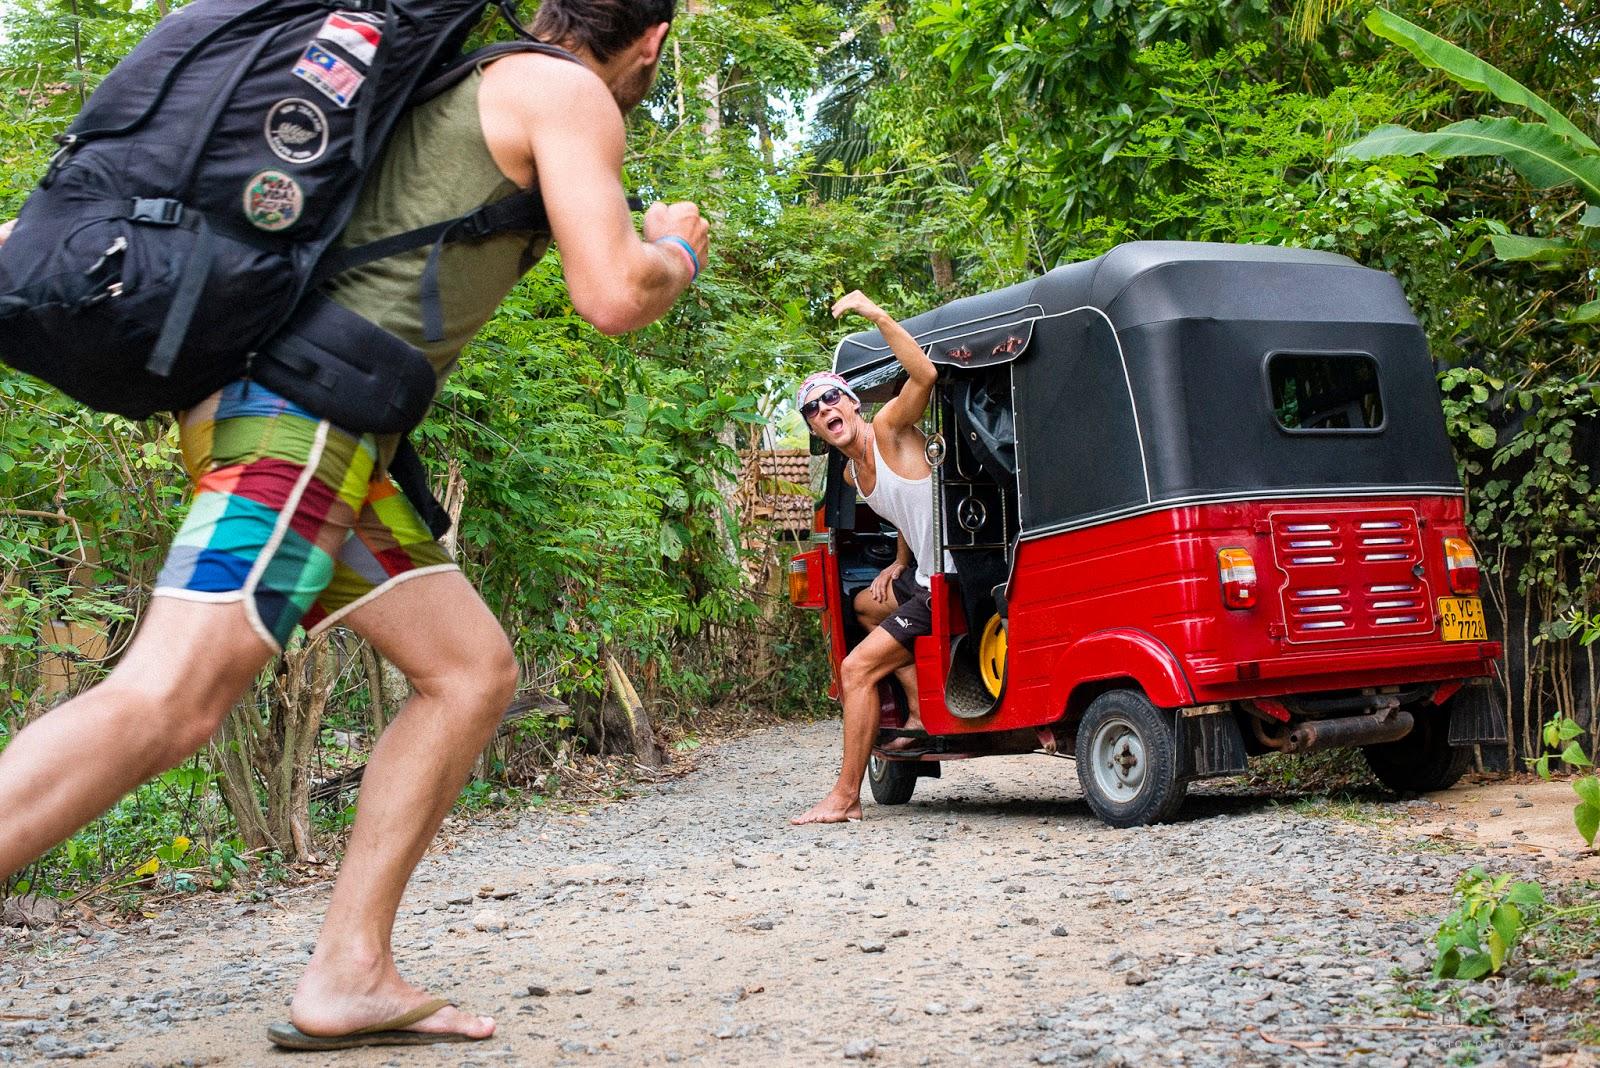 Arrivée de cee roo avec son tuktuk pour embarquement immédiat pour une semaine assez folle